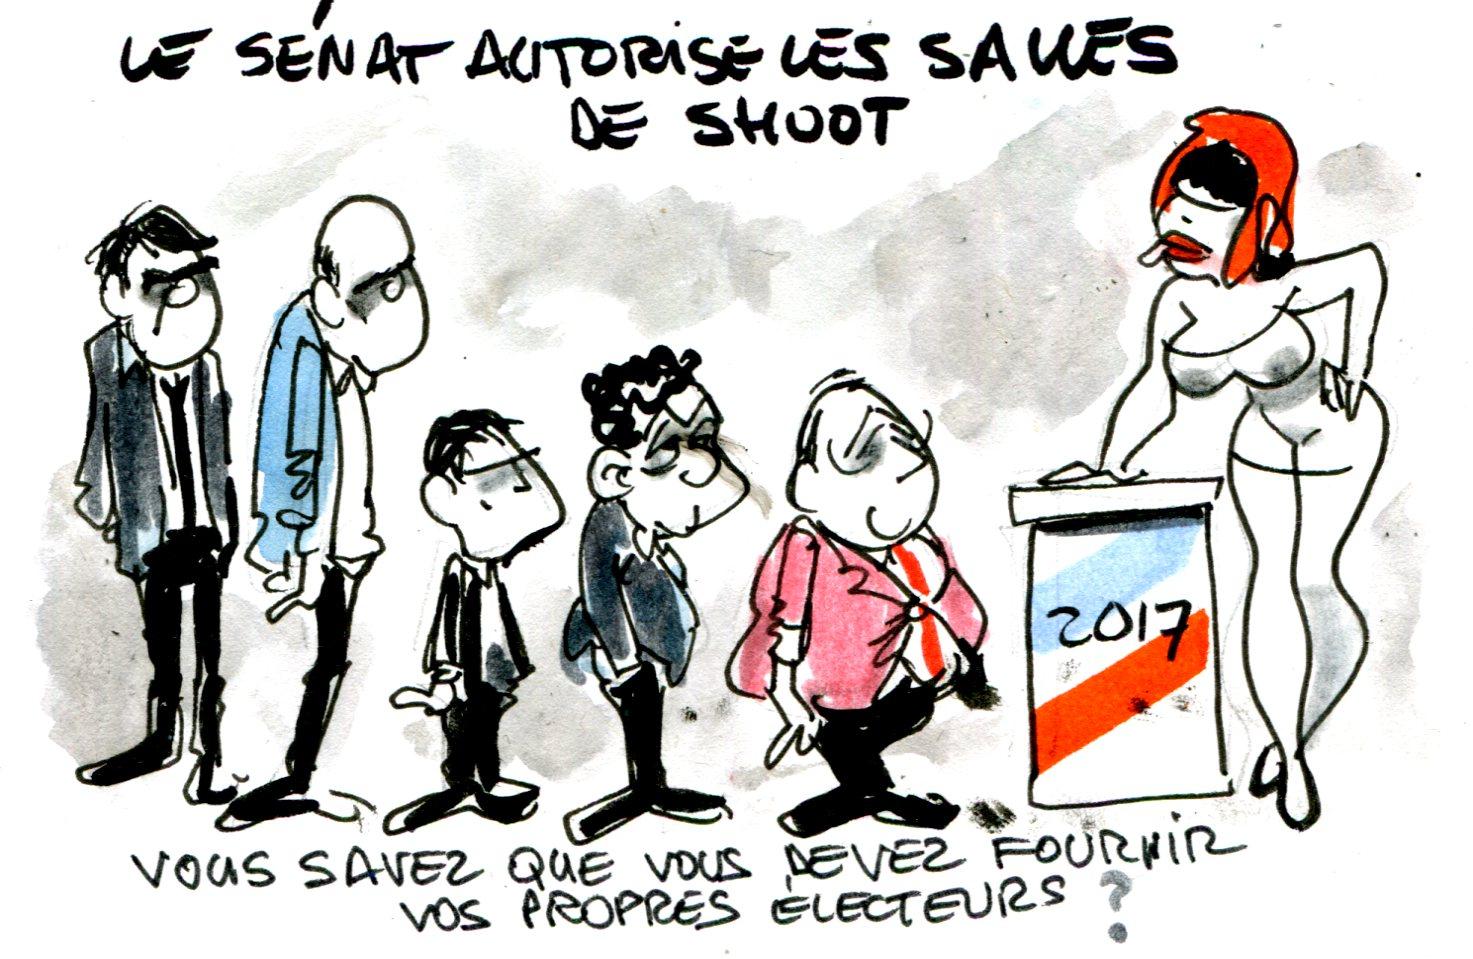 Contrepoints819 - Salle de shoot - René Le Honzec